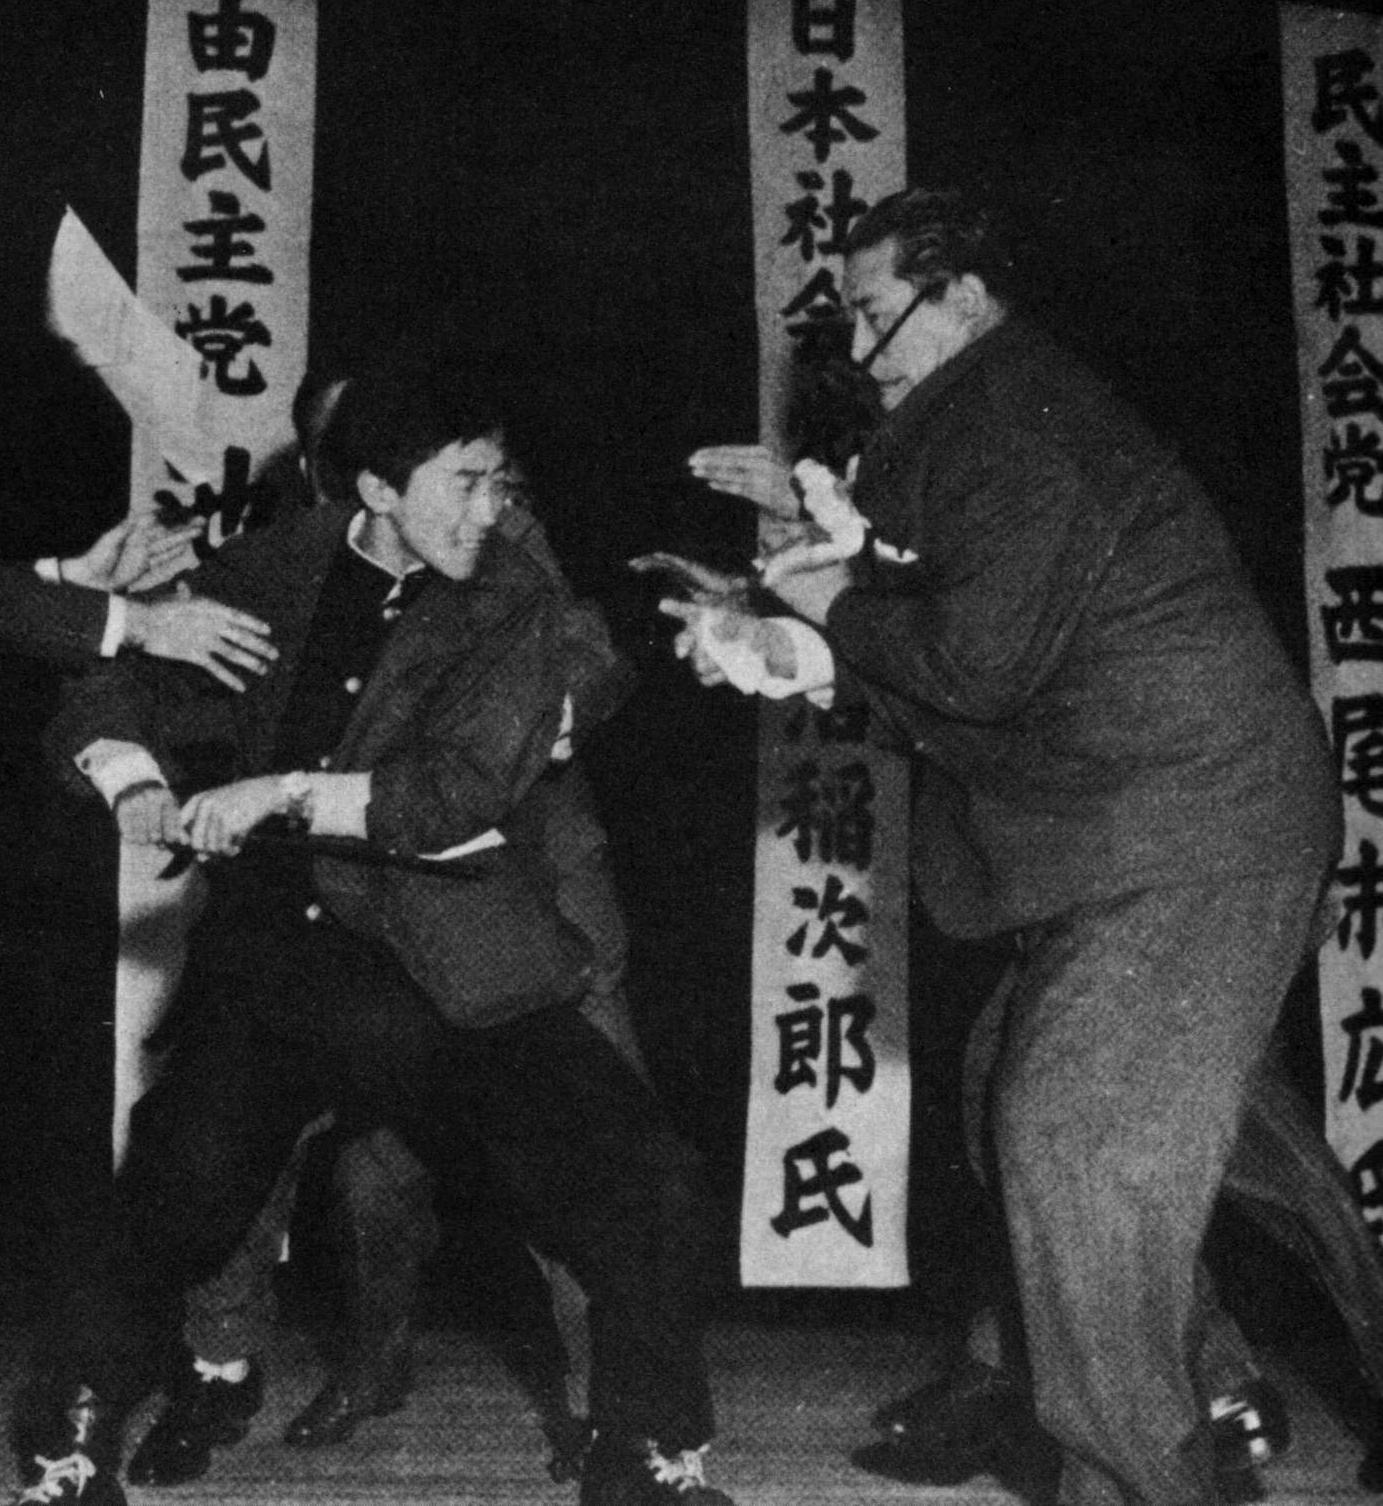 Ultranacionalista asesina a dirigente político.